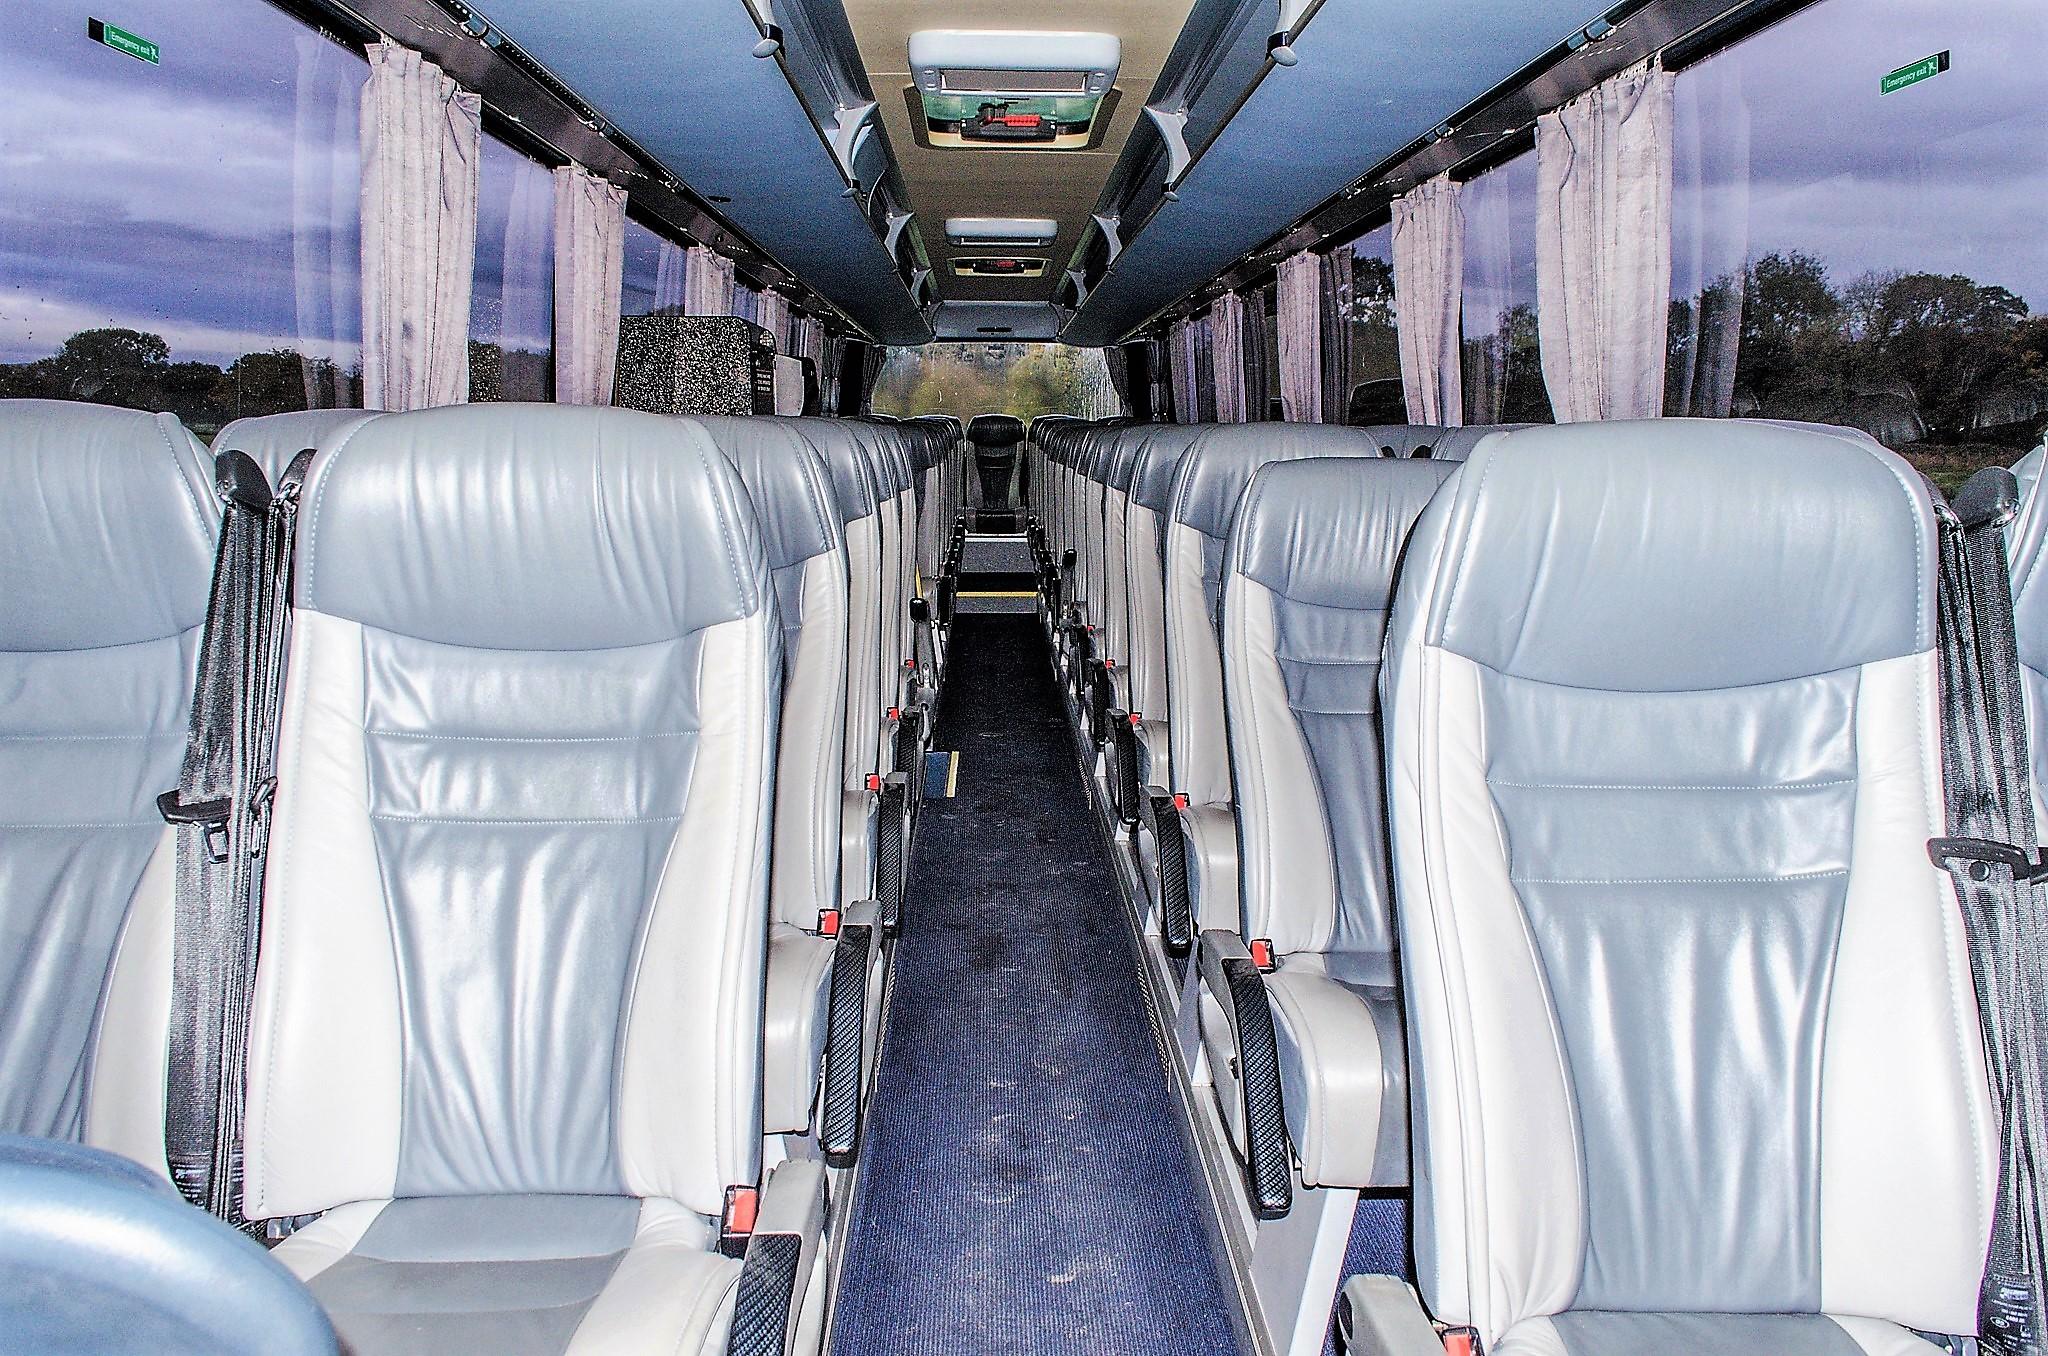 MAN Neoplan Tourliner 53 seat luxury coach Registration Number: MT61 HVF Date of Registration: 01/ - Image 14 of 21